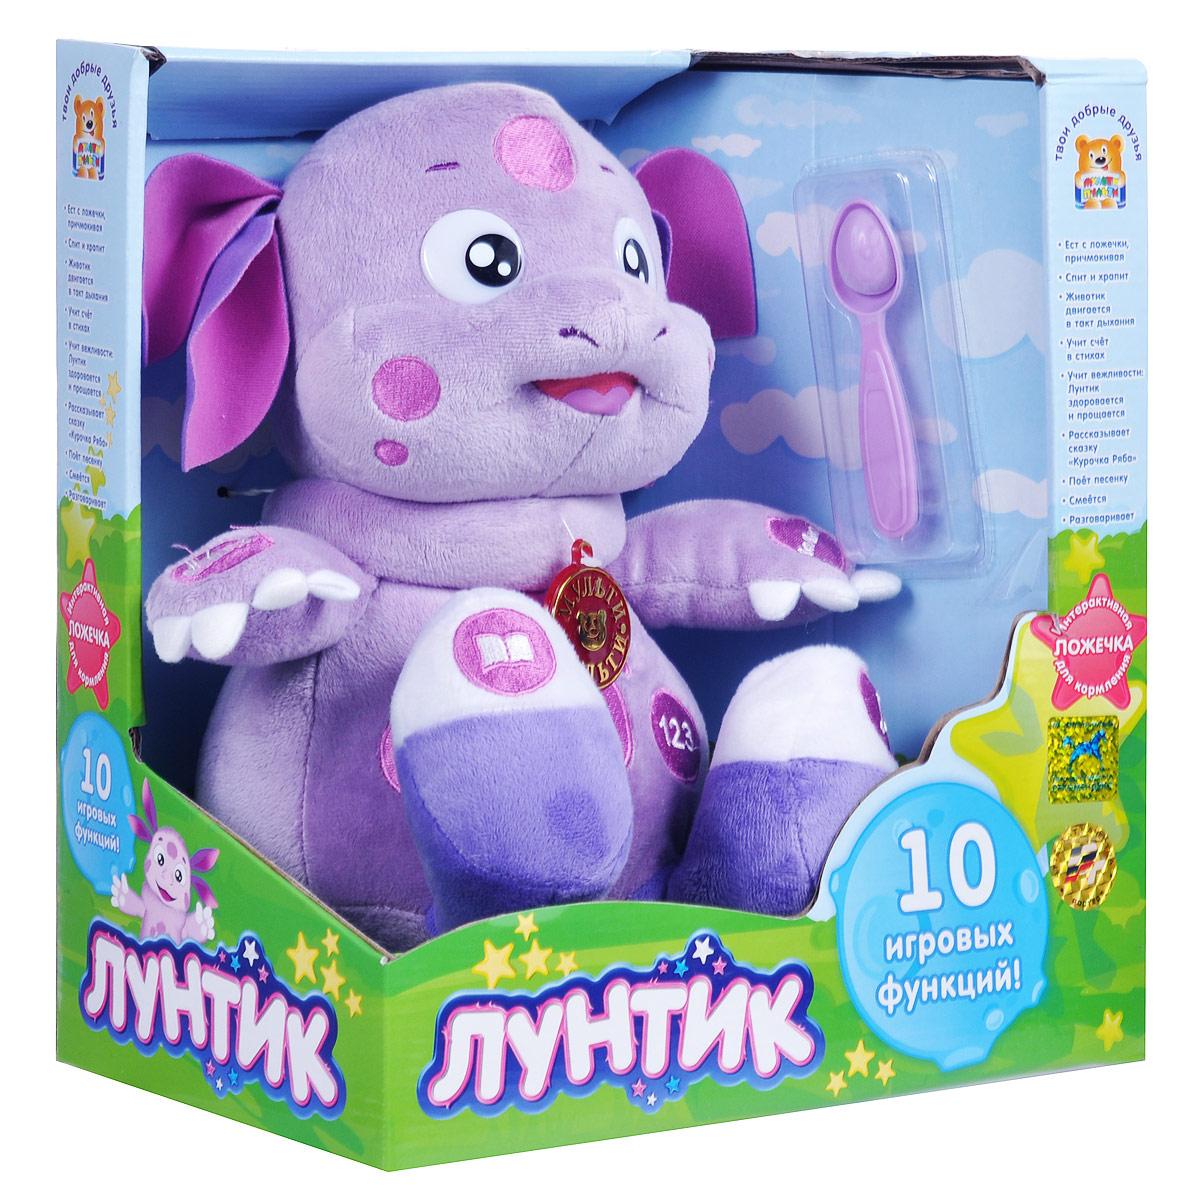 Мягкая интерактивная игрушка Мульти-Пульти Лунтик, 25 смV86171/24Мягкая игрушка Мульти-Пульти Лунтик надолго займет внимание вашего малыша. Игрушка выполнена в виде Лунтика - всеми любимого героя мультсериала Лунтик и его друзья. Чтобы включить игрушку, нужно нажать на левую лапку Лунтика. Лунтик здоровается, прощается, умеет смеяться и разговаривать. При нажатии на правую лапку игрушки Лунтик попросит его покормить: необходимо поднести ложечку ко рту игрушки. Если убрать ложечку слишком рано, Лунтик попросит добавки. После еды он уснет и будет сладко посапывать во сне. Животик Лунтика двигается в такт дыханию. С помощью стишков Лунтик научит малыша счету, расскажет сказку Курочка Ряба и споет веселую песенку. В комплект входит пластиковая ложечка для кормления Лунтика. Игрушка Мульти-Пульти Лунтик поможет ребенку в развитии цветового и звукового восприятия, воображения и любознательности, а также в игровой форме познакомит с цифрами. УВАЖАЕМЫЕ КЛИЕНТЫ! Обращаем ваше внимание на...